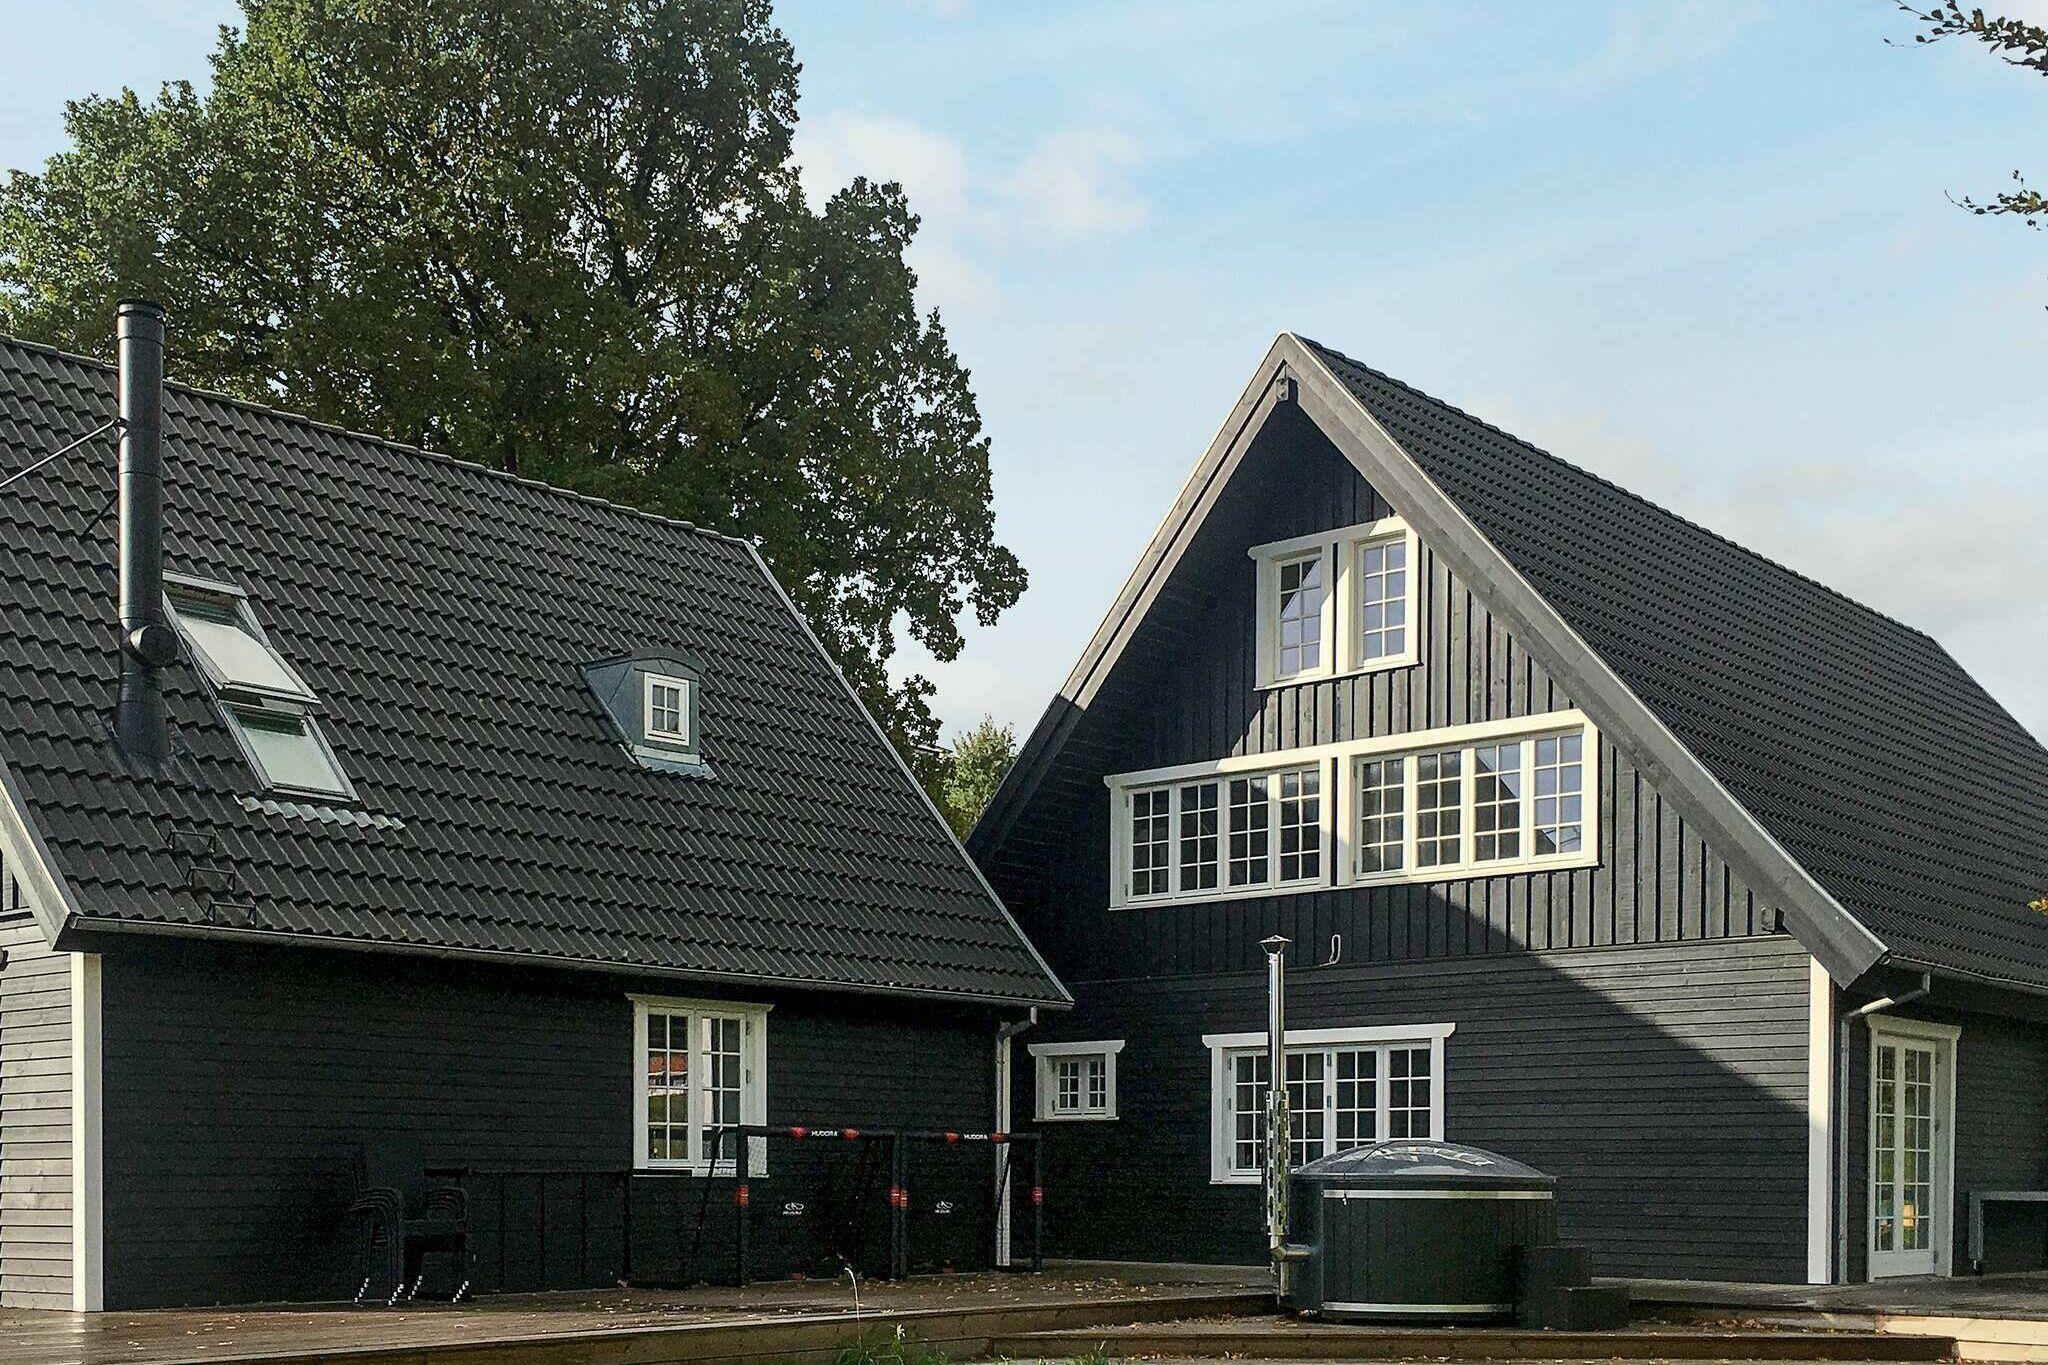 Ferienhaus in Apenrade für 16 Personen